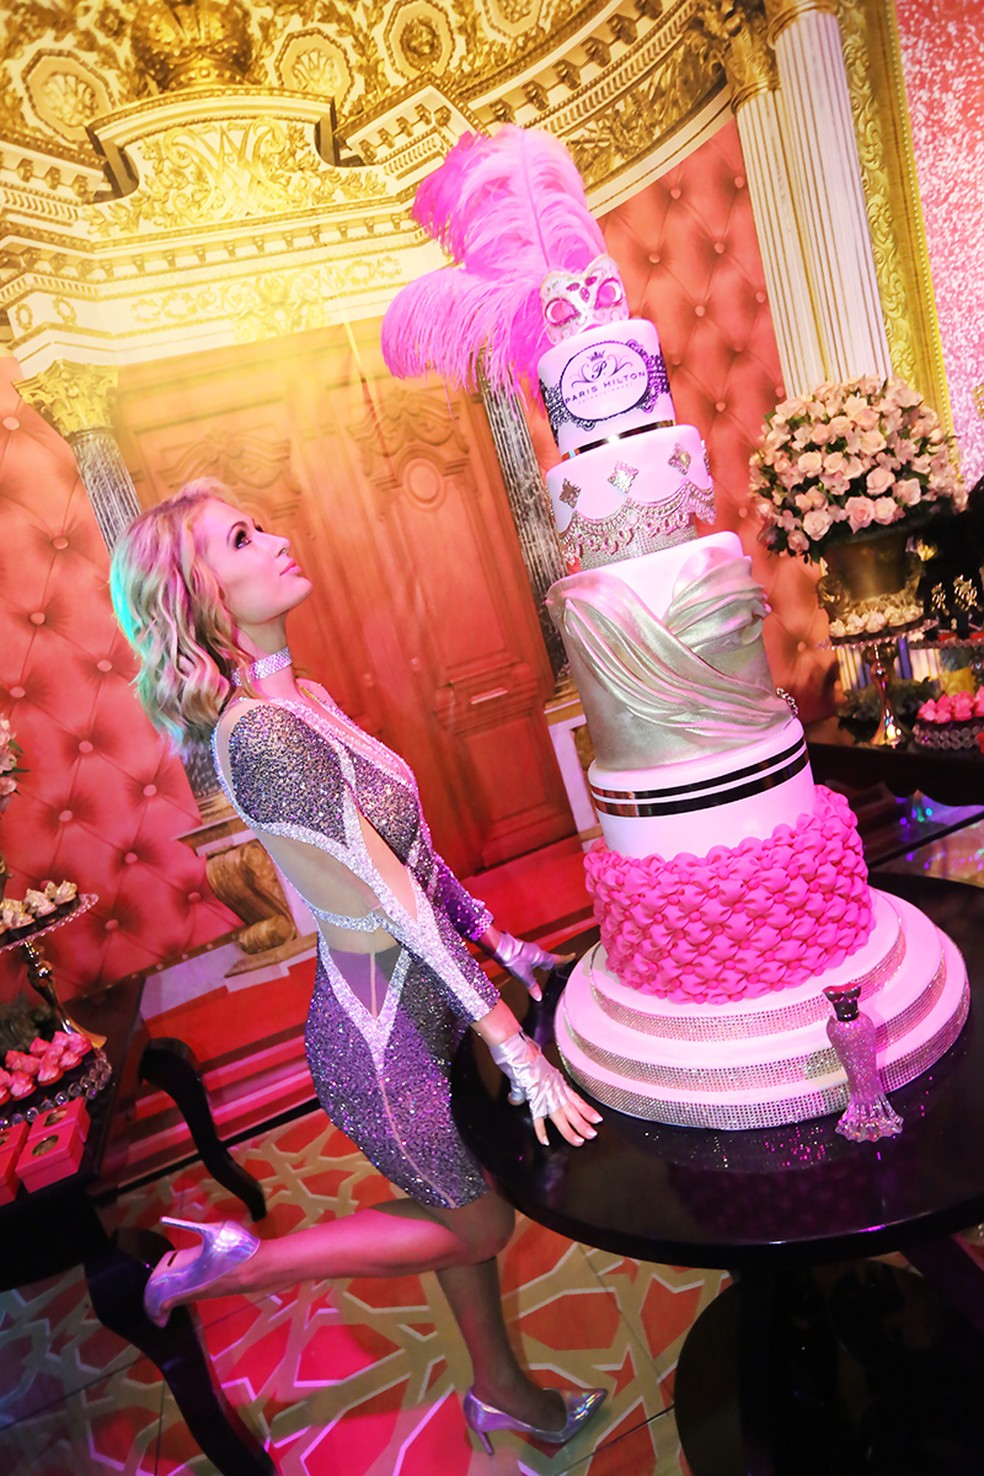 Paris Hilton antecipou comemoração do 37º aniversário em Florianópolis (Foto: Ângelo Santos/Divulgação)